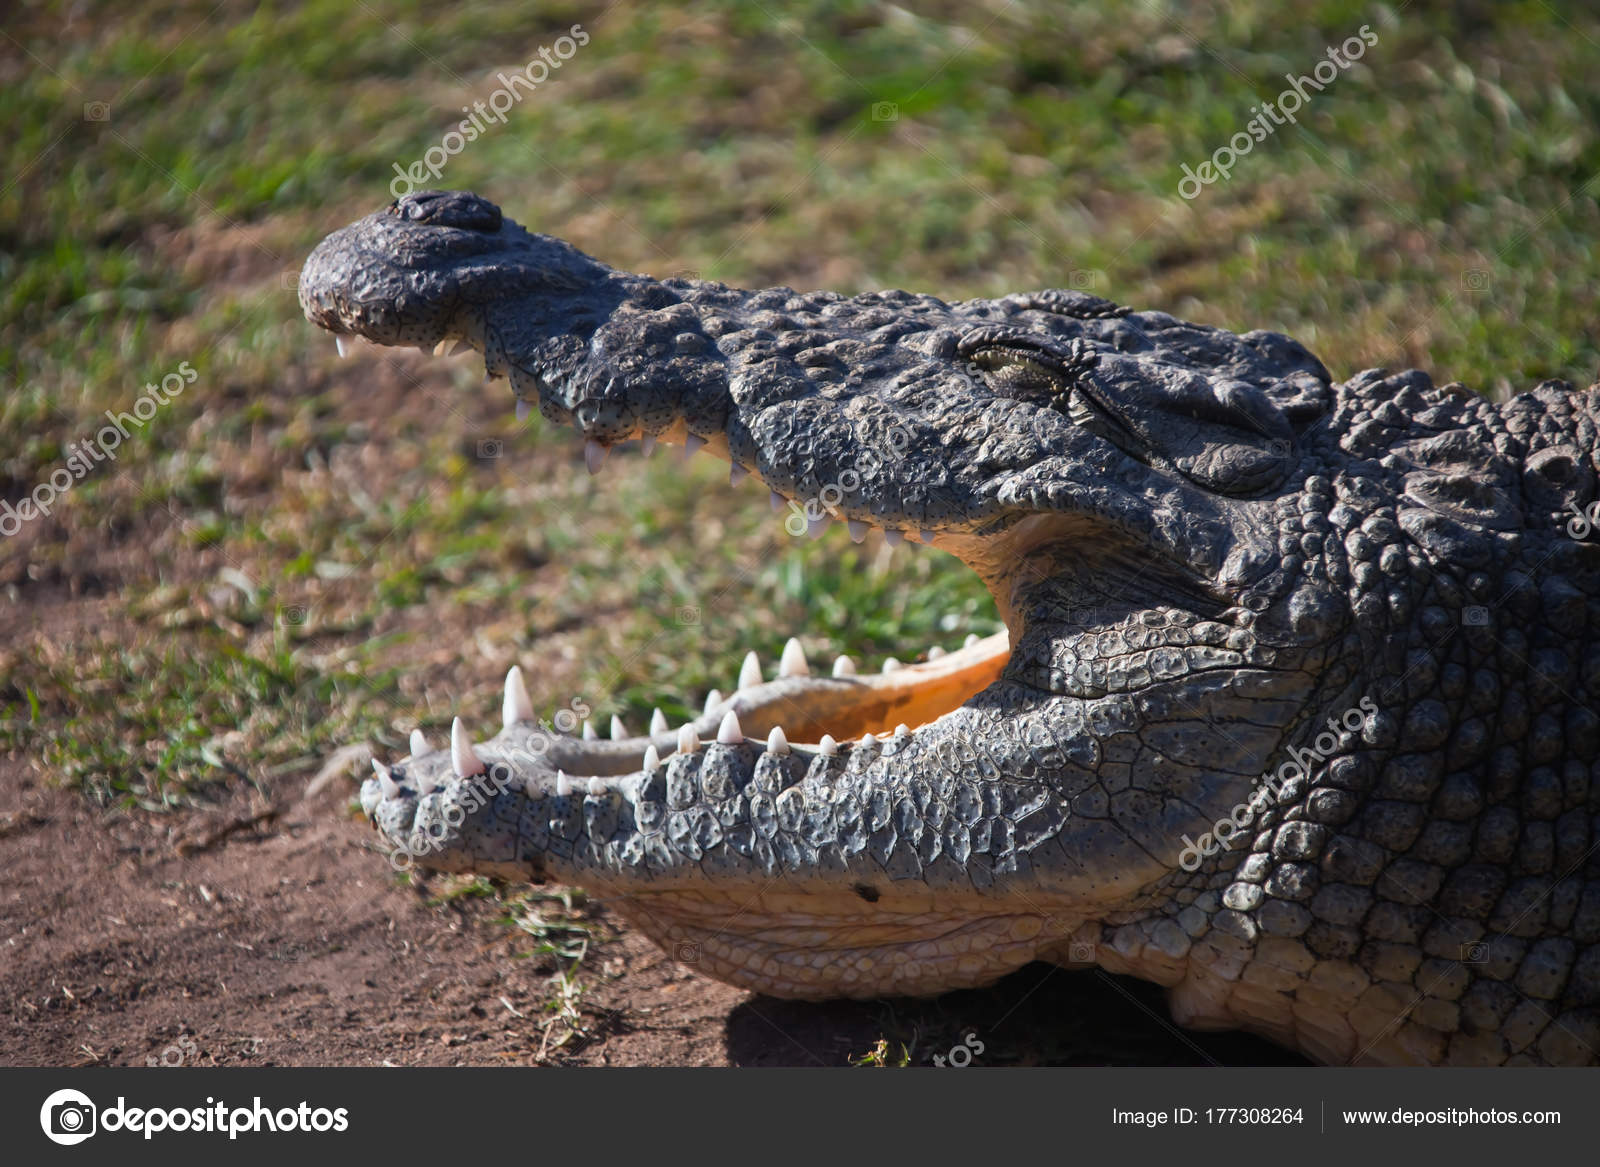 Cocodrilo del Nilo con la boca abierta y ojos cerrados. Gran cocodrilo  africano adulto muestra sus dientes.